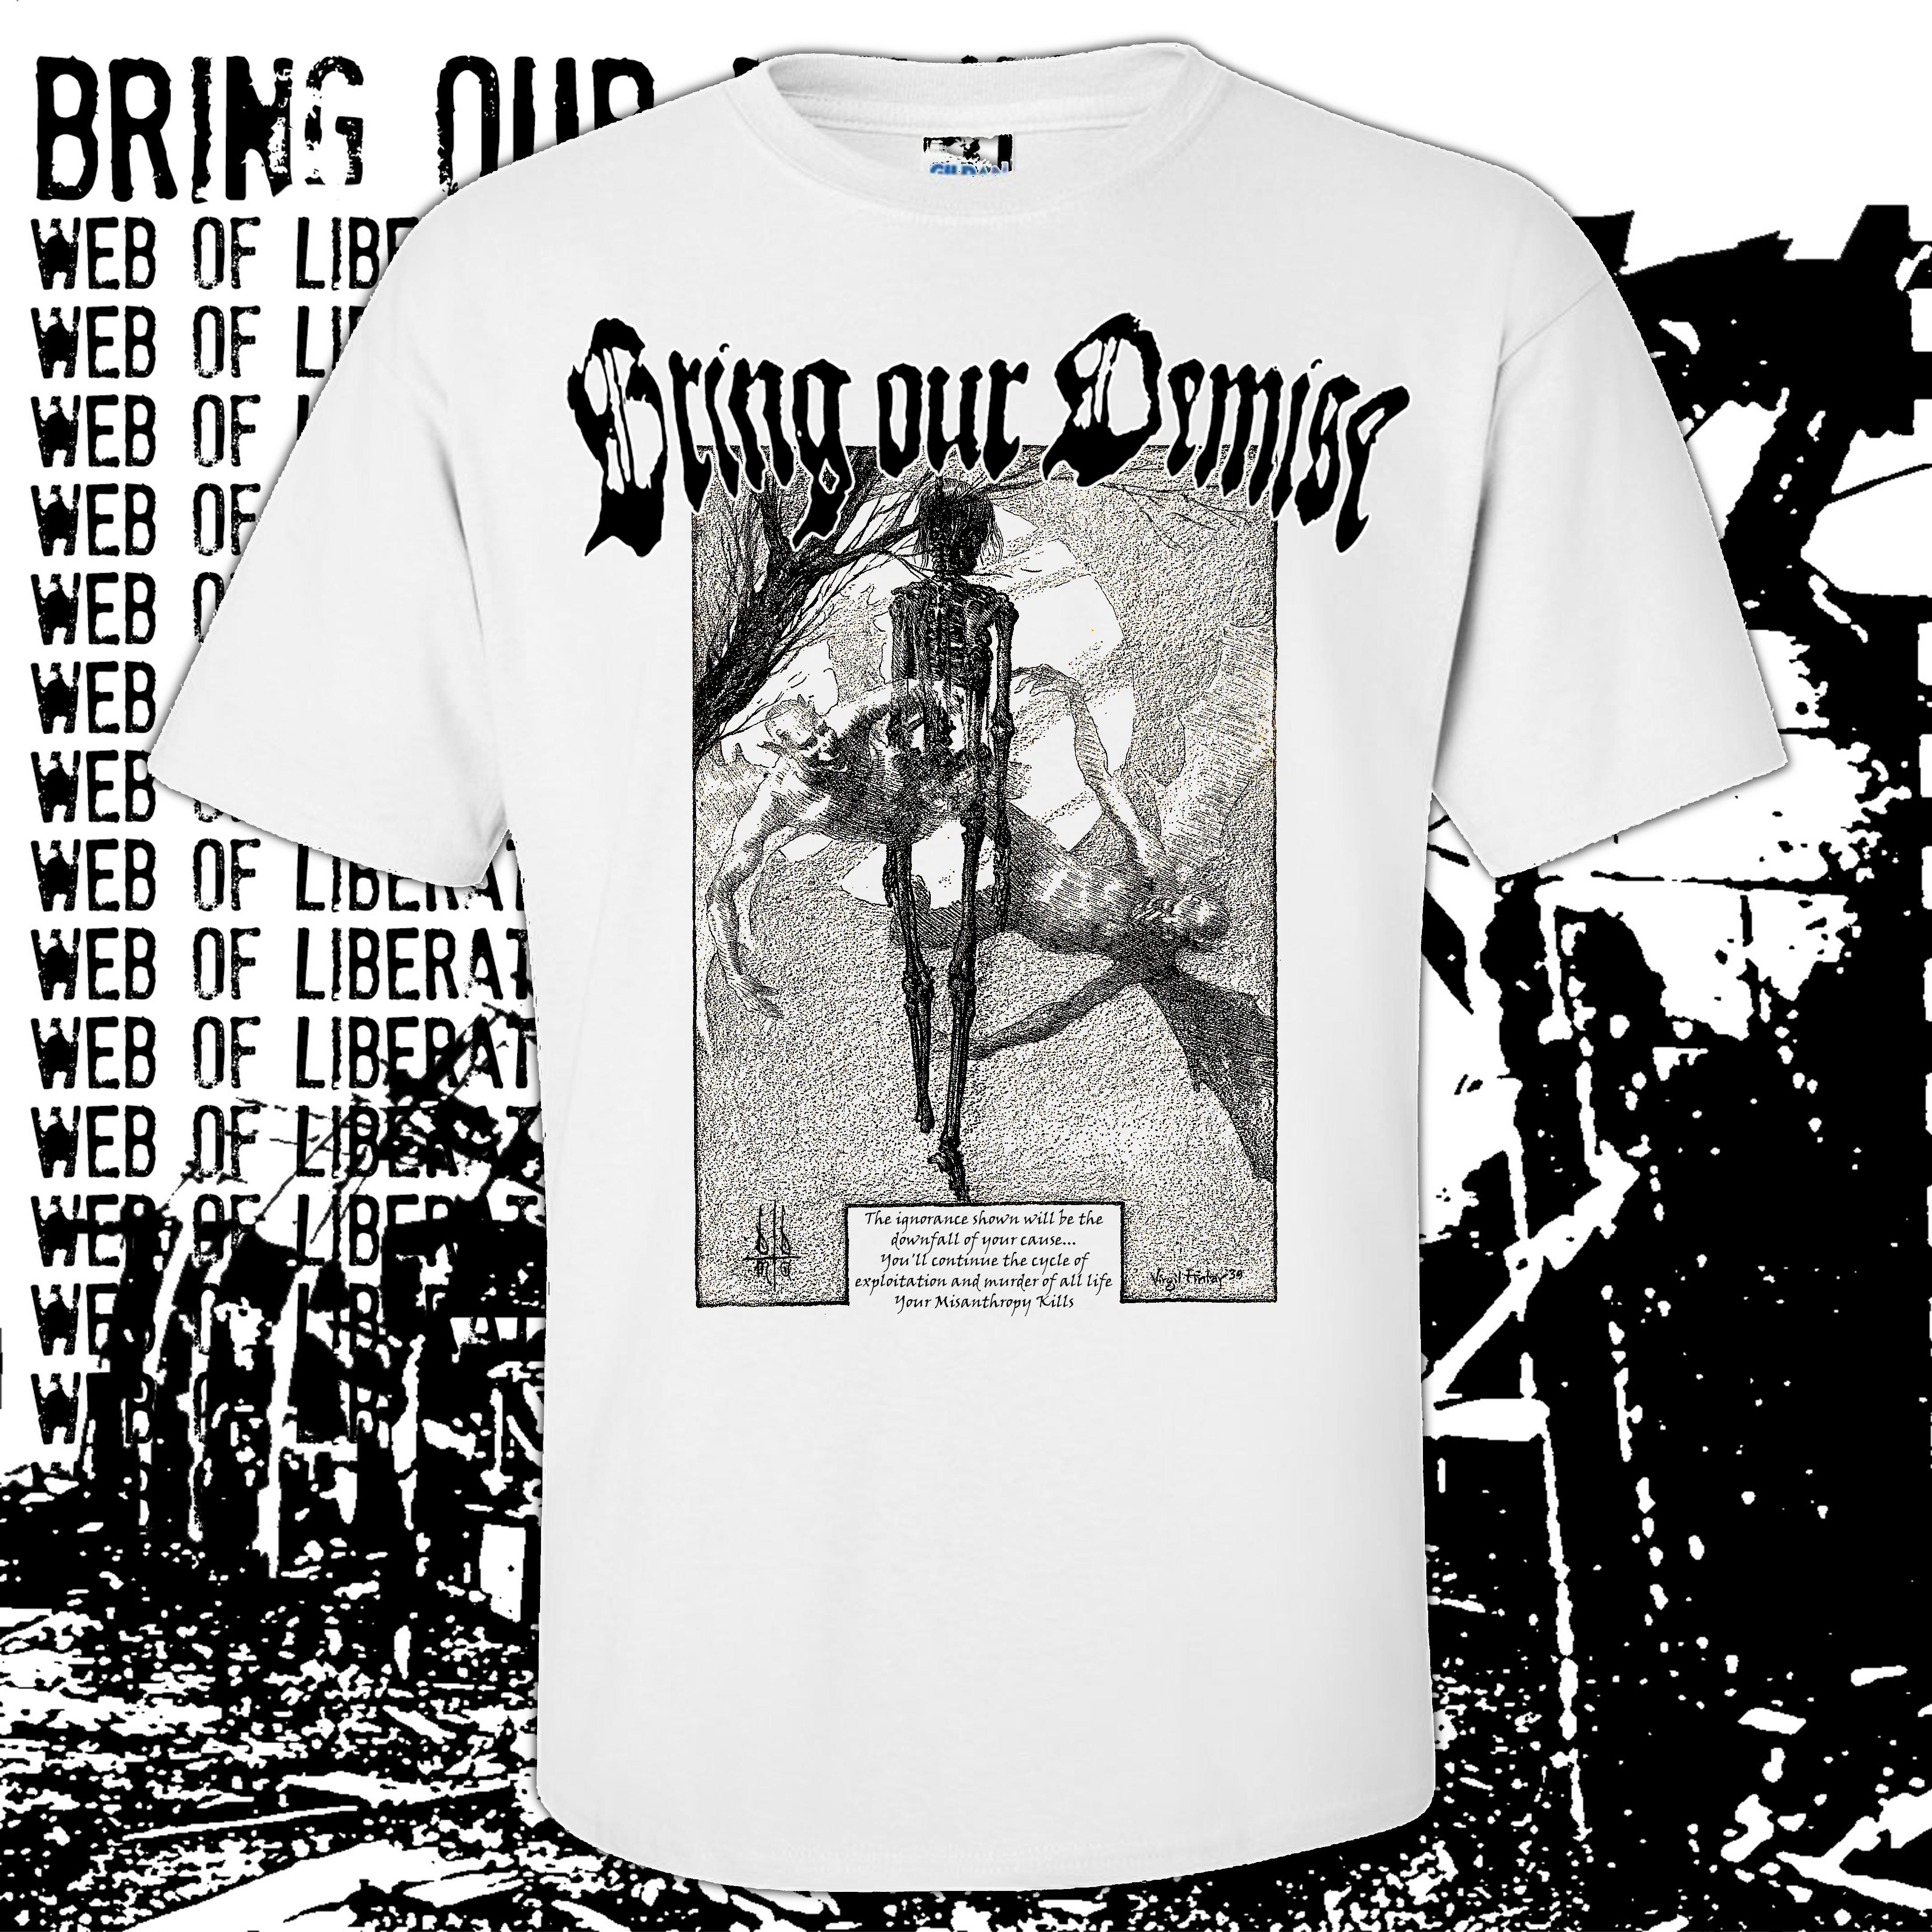 BoD Shirt Design